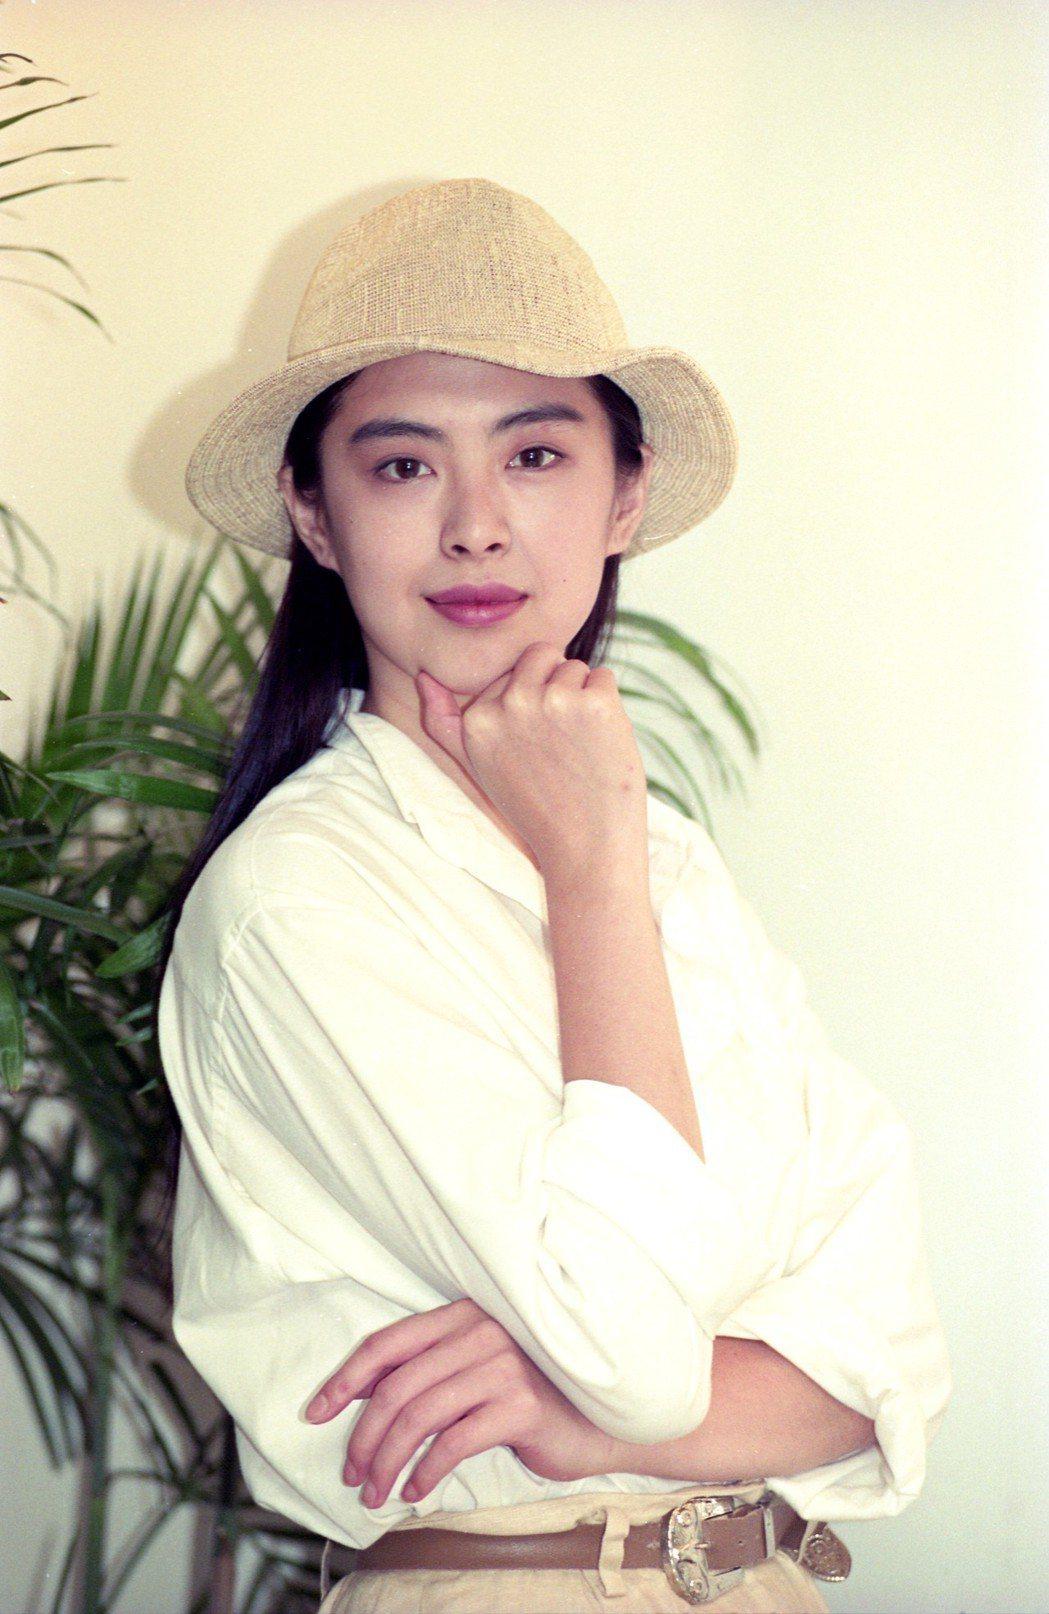 王祖賢以往就頗鍾愛以帽子當搭配。圖/報系資料照片